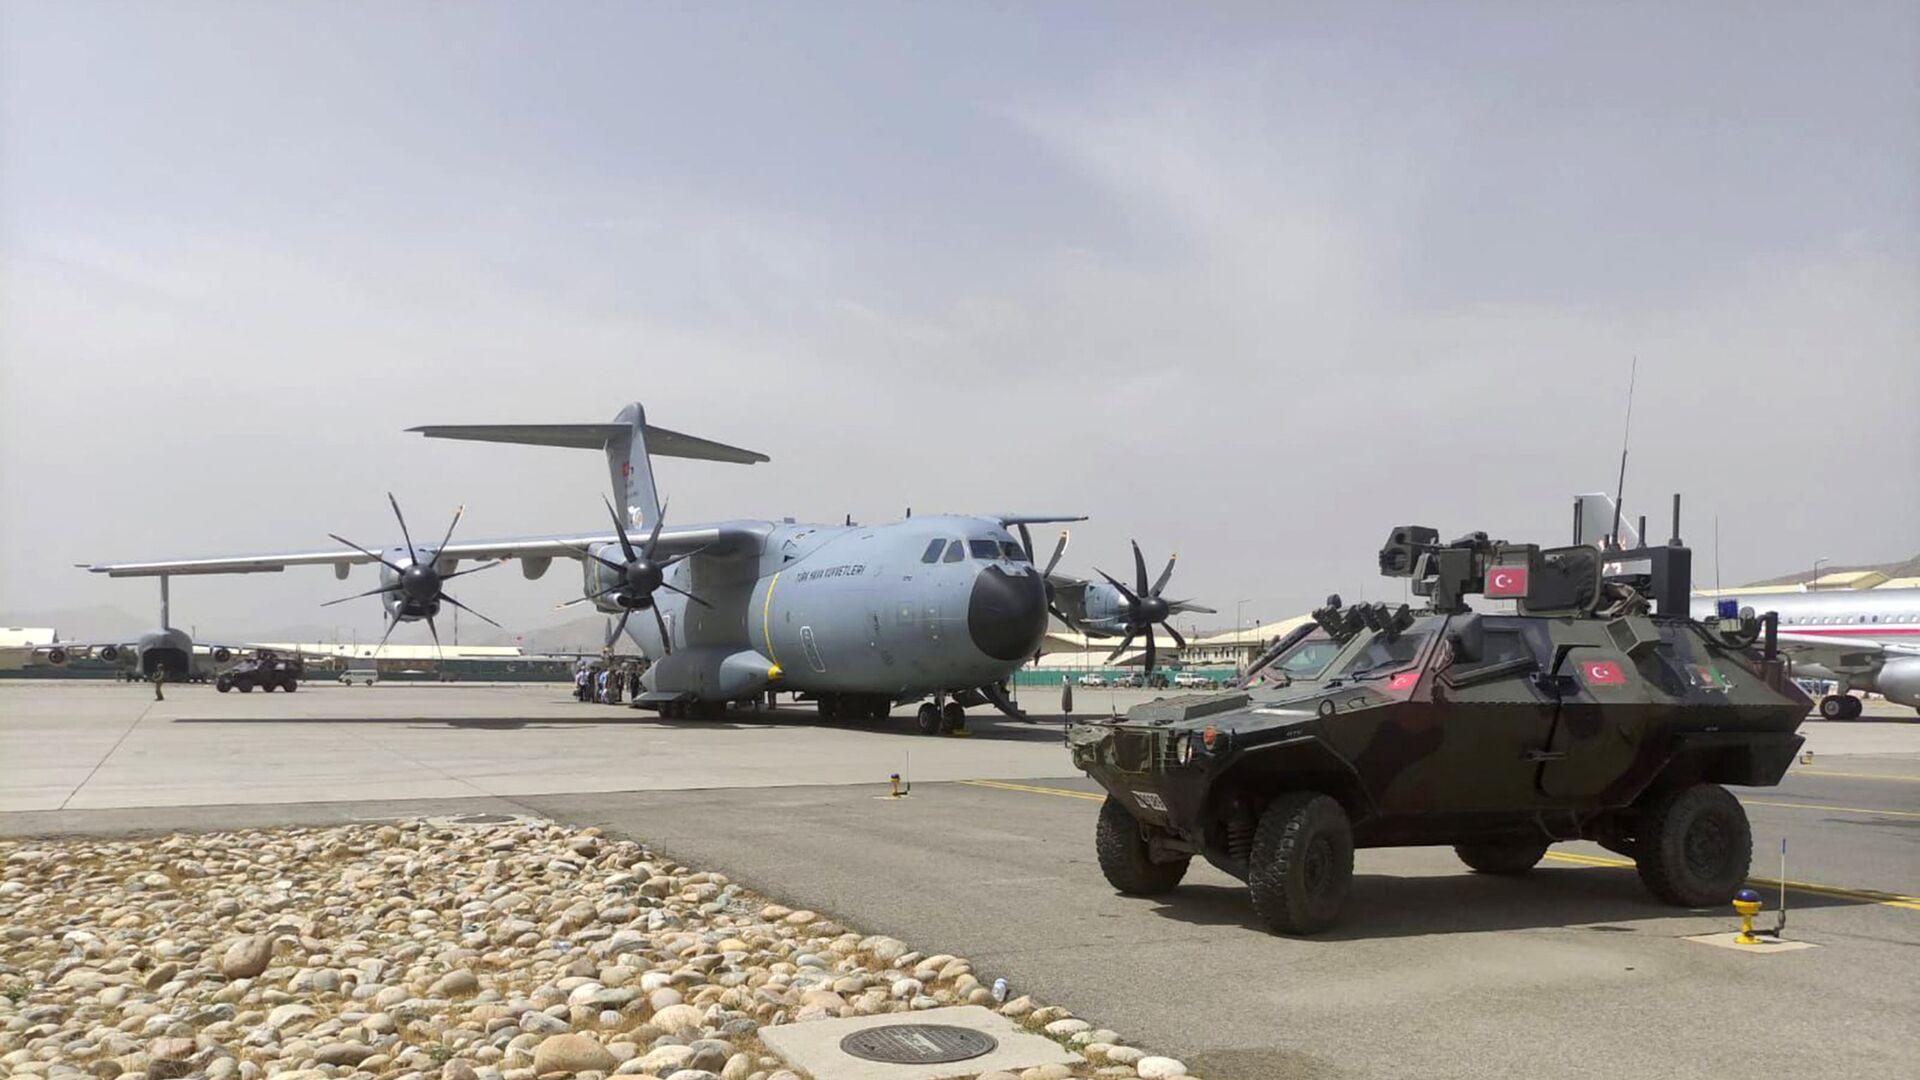 Samolot tureckich sił powietrznych na lotnisku w Kabulu, 18.08.2021 - Sputnik Polska, 1920, 28.08.2021